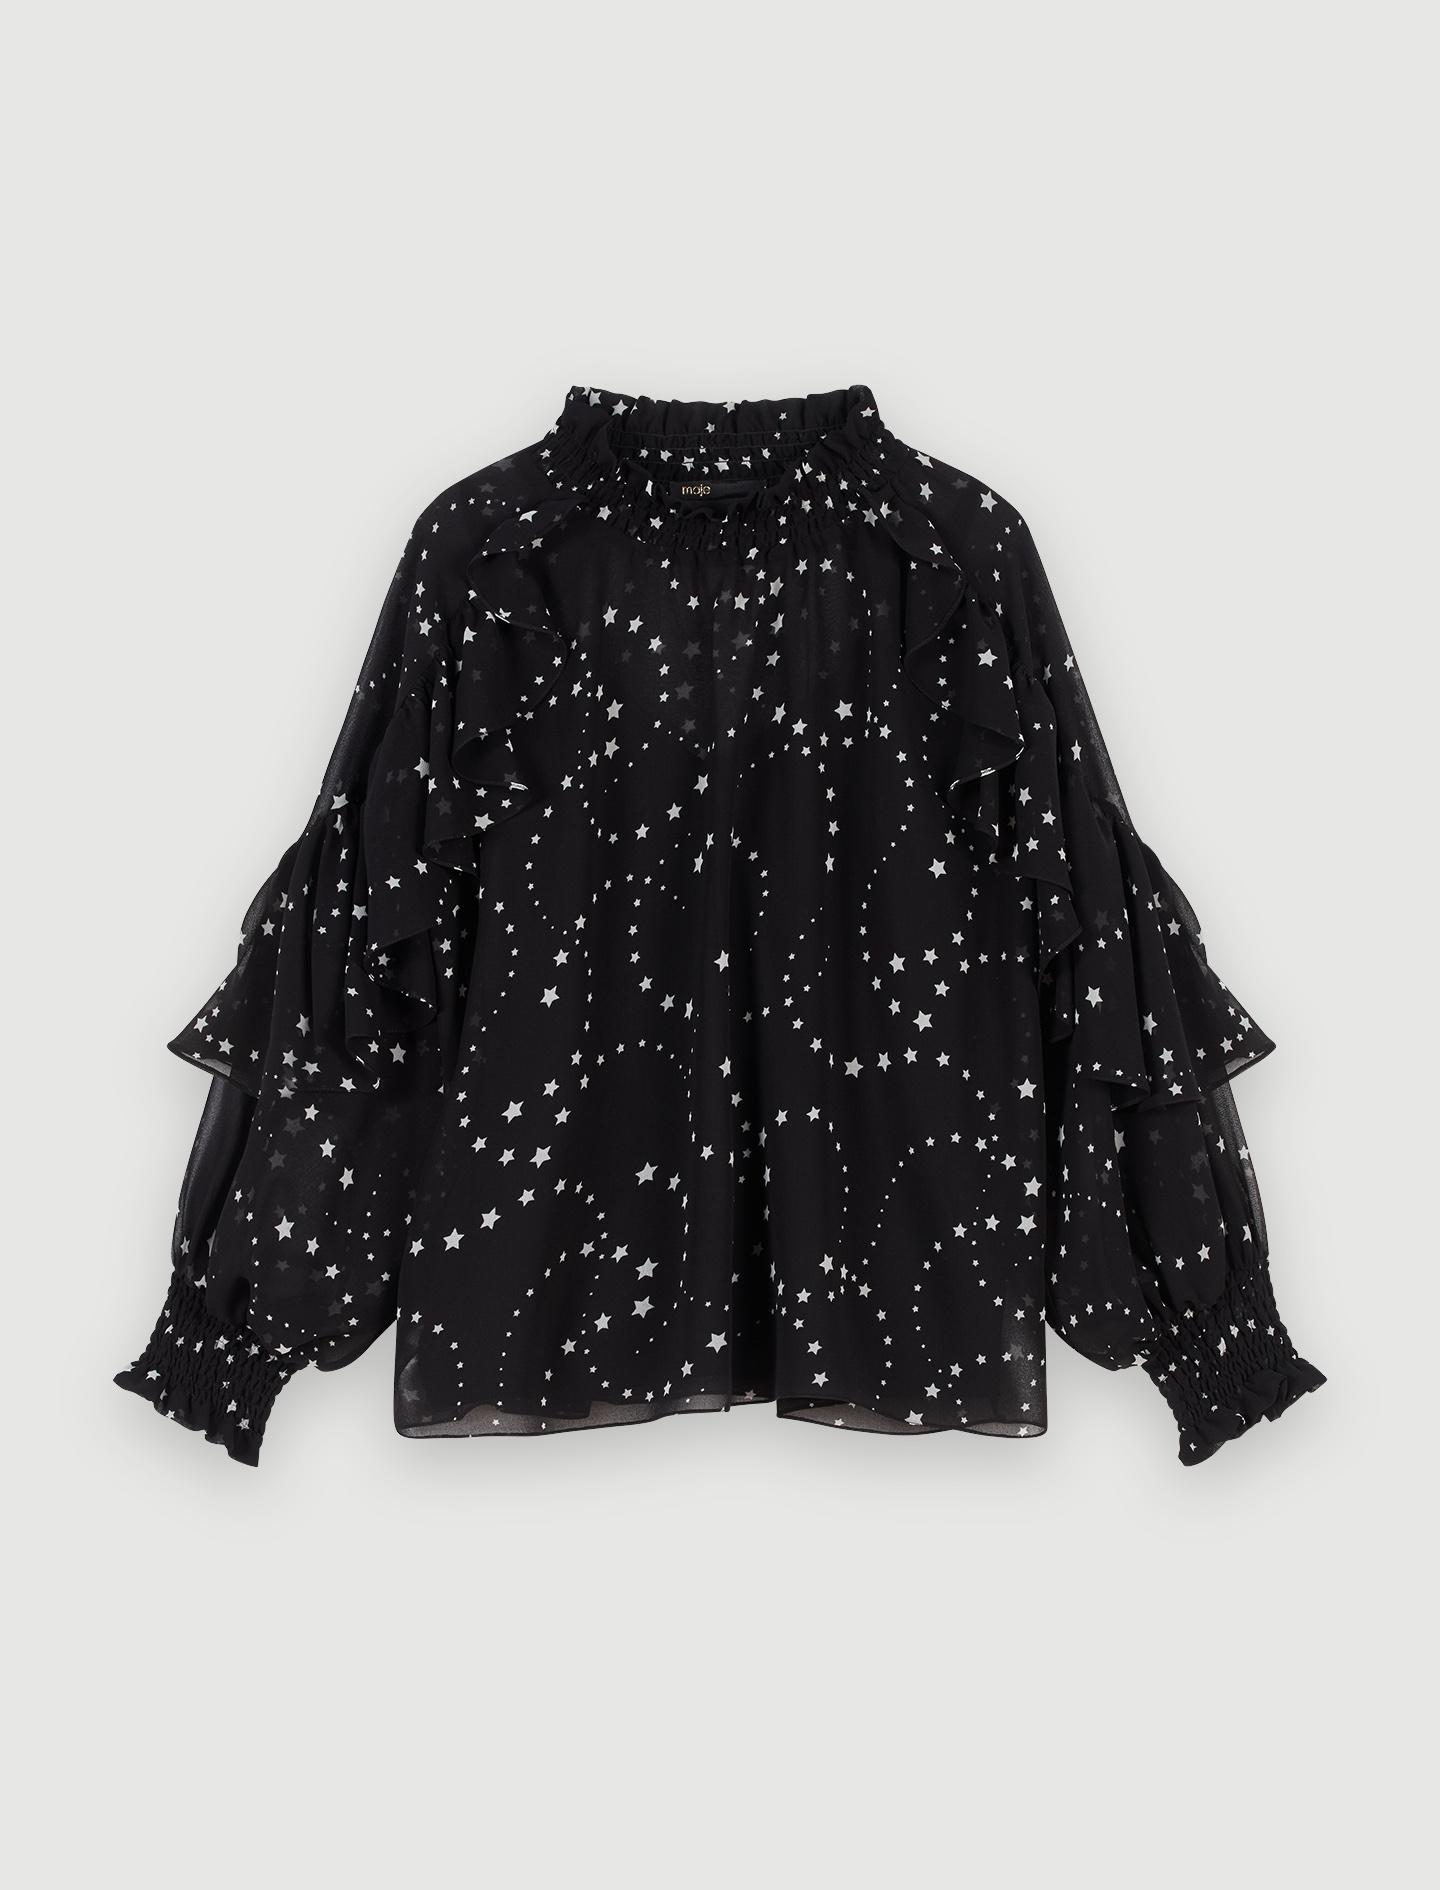 Rüschen Top aus bedrucktem Mousselin - Tops & Hemden - MAJE